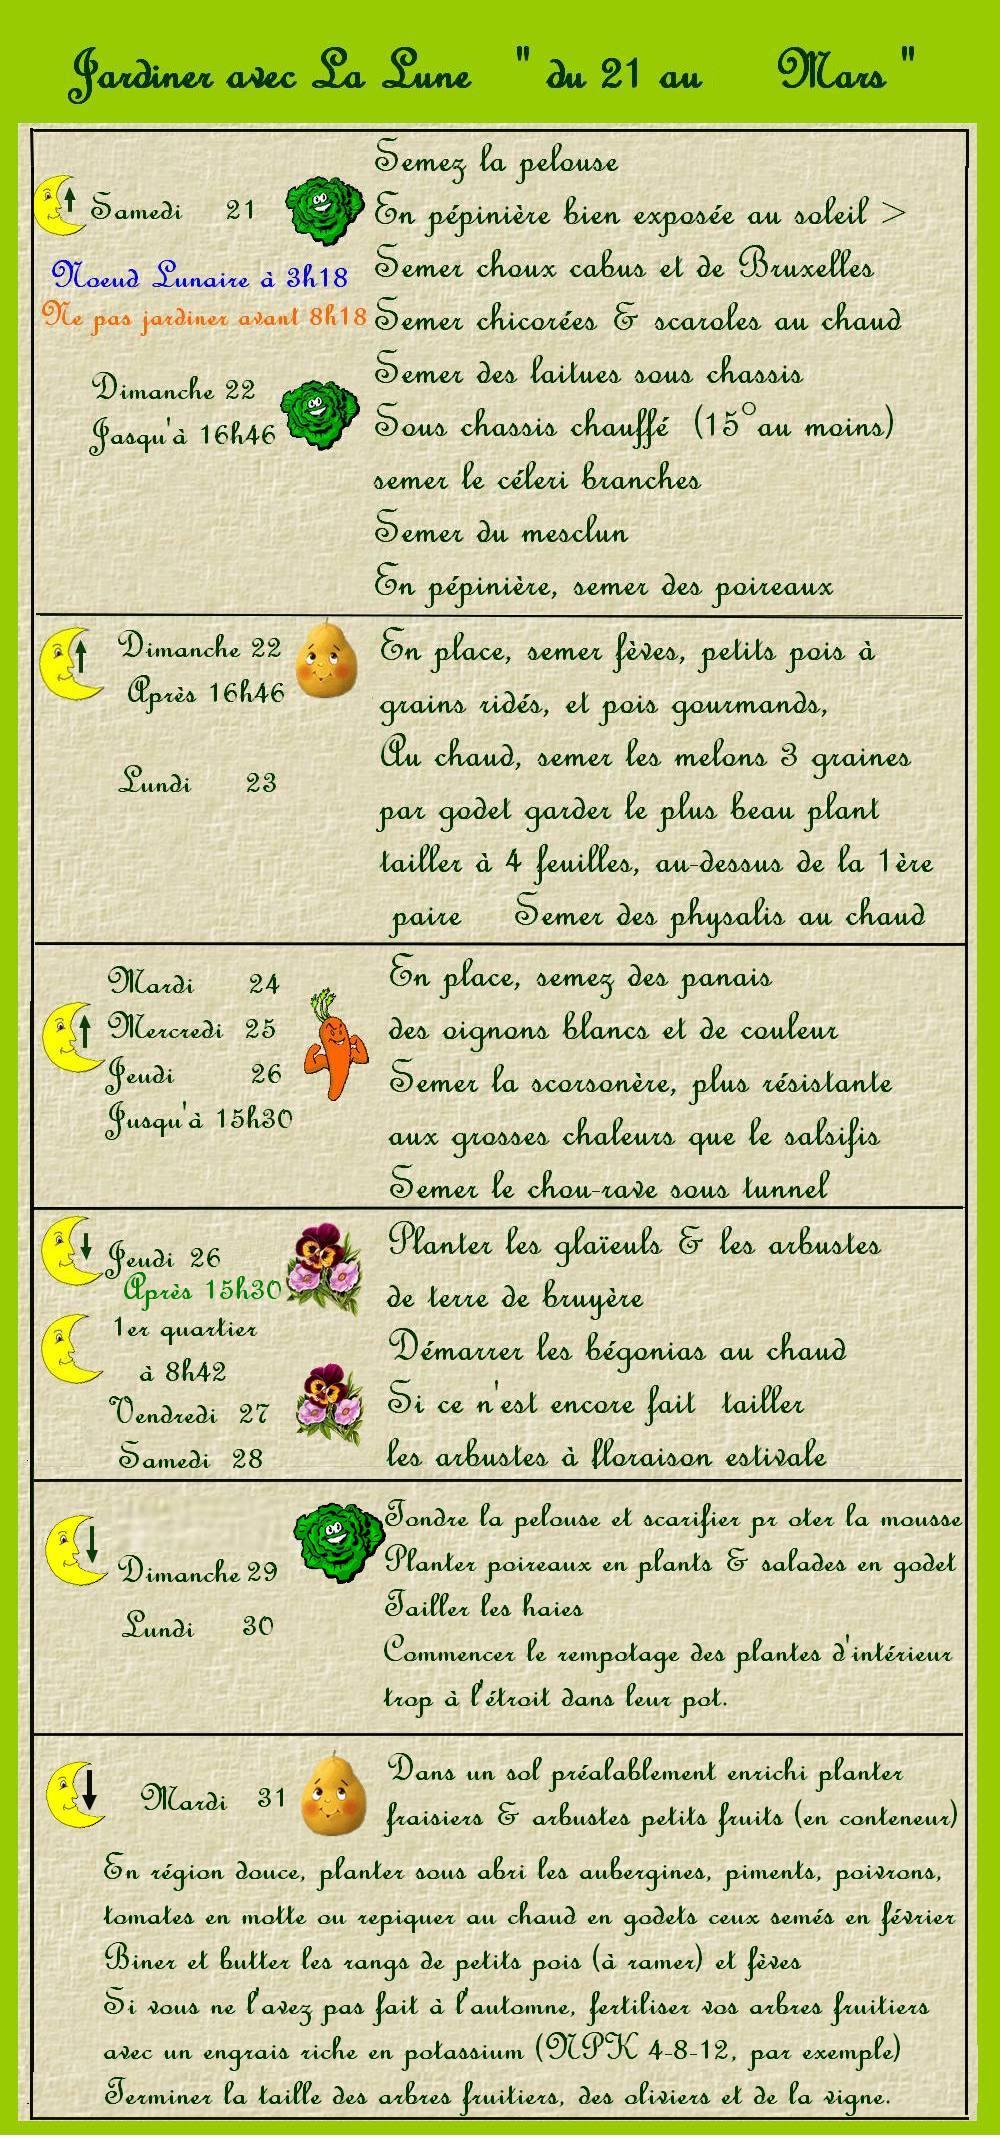 Jardiner avec la Lune du 21 au 31 mars